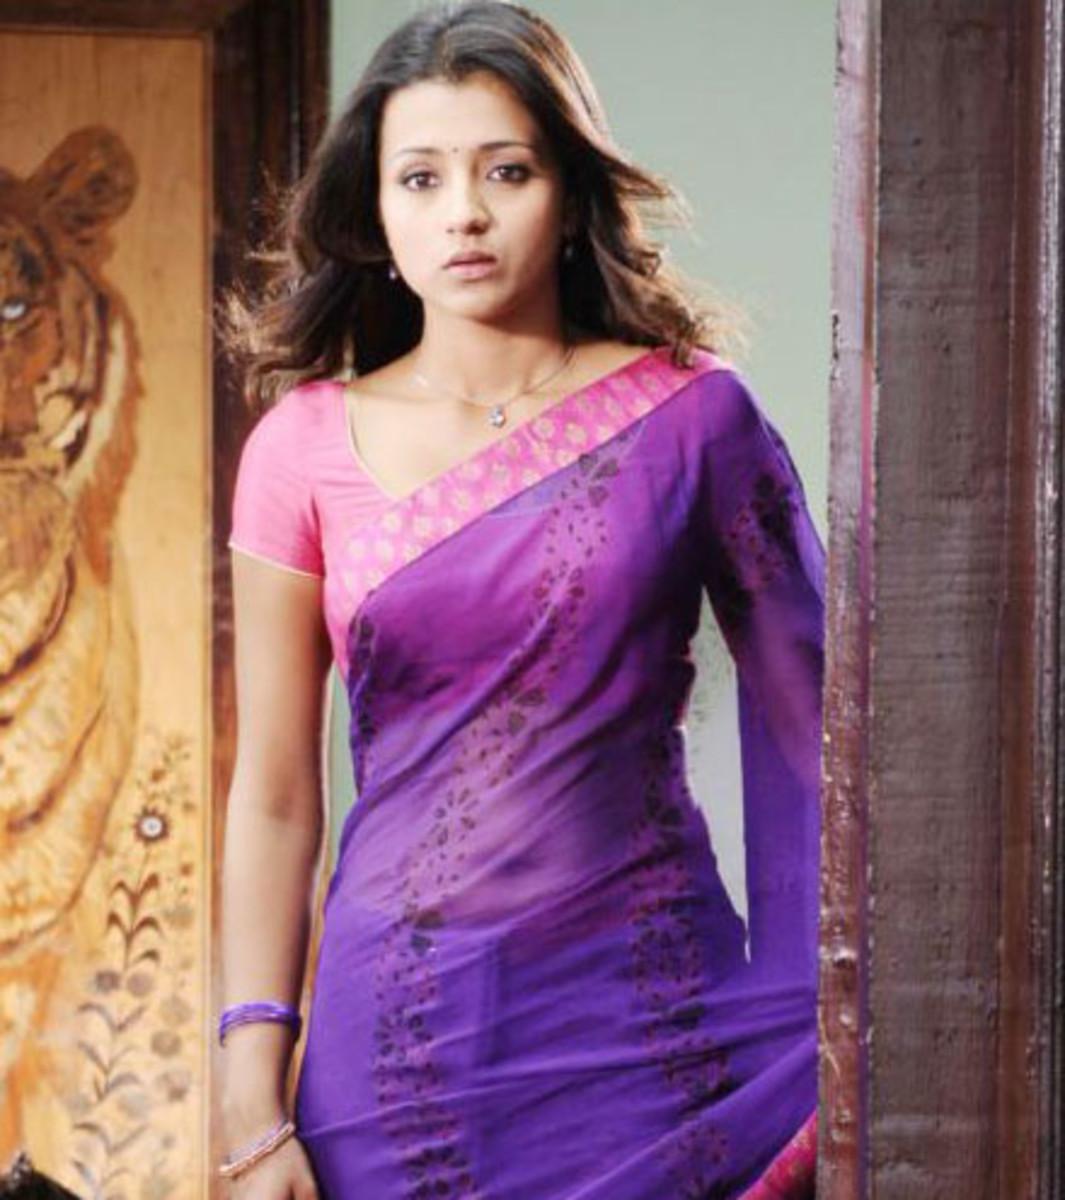 hot-saree-pics-south-indian-actresses